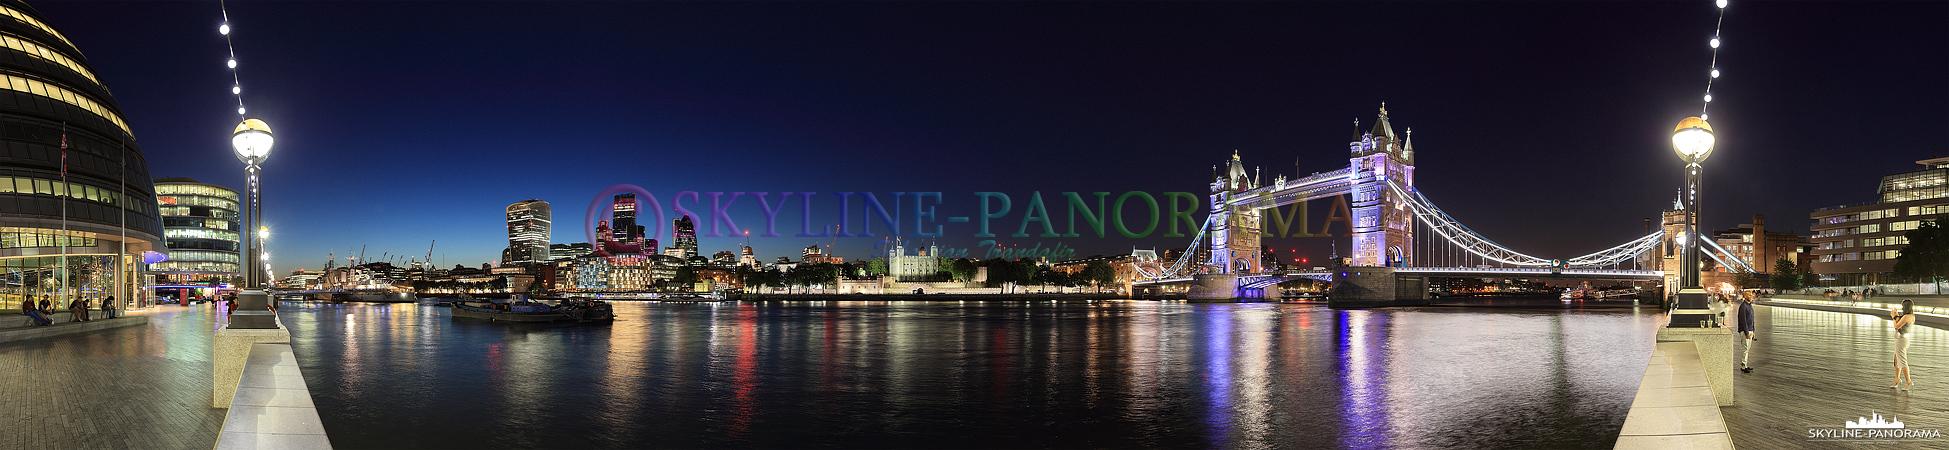 Blick auf die Londoner Skyline mit dem abendlich erleuchteten Tower von London und der historischen Tower Bridge, dieses Panorama ist an der The Queen´s Walk genannten Promenade der Themse entstanden.